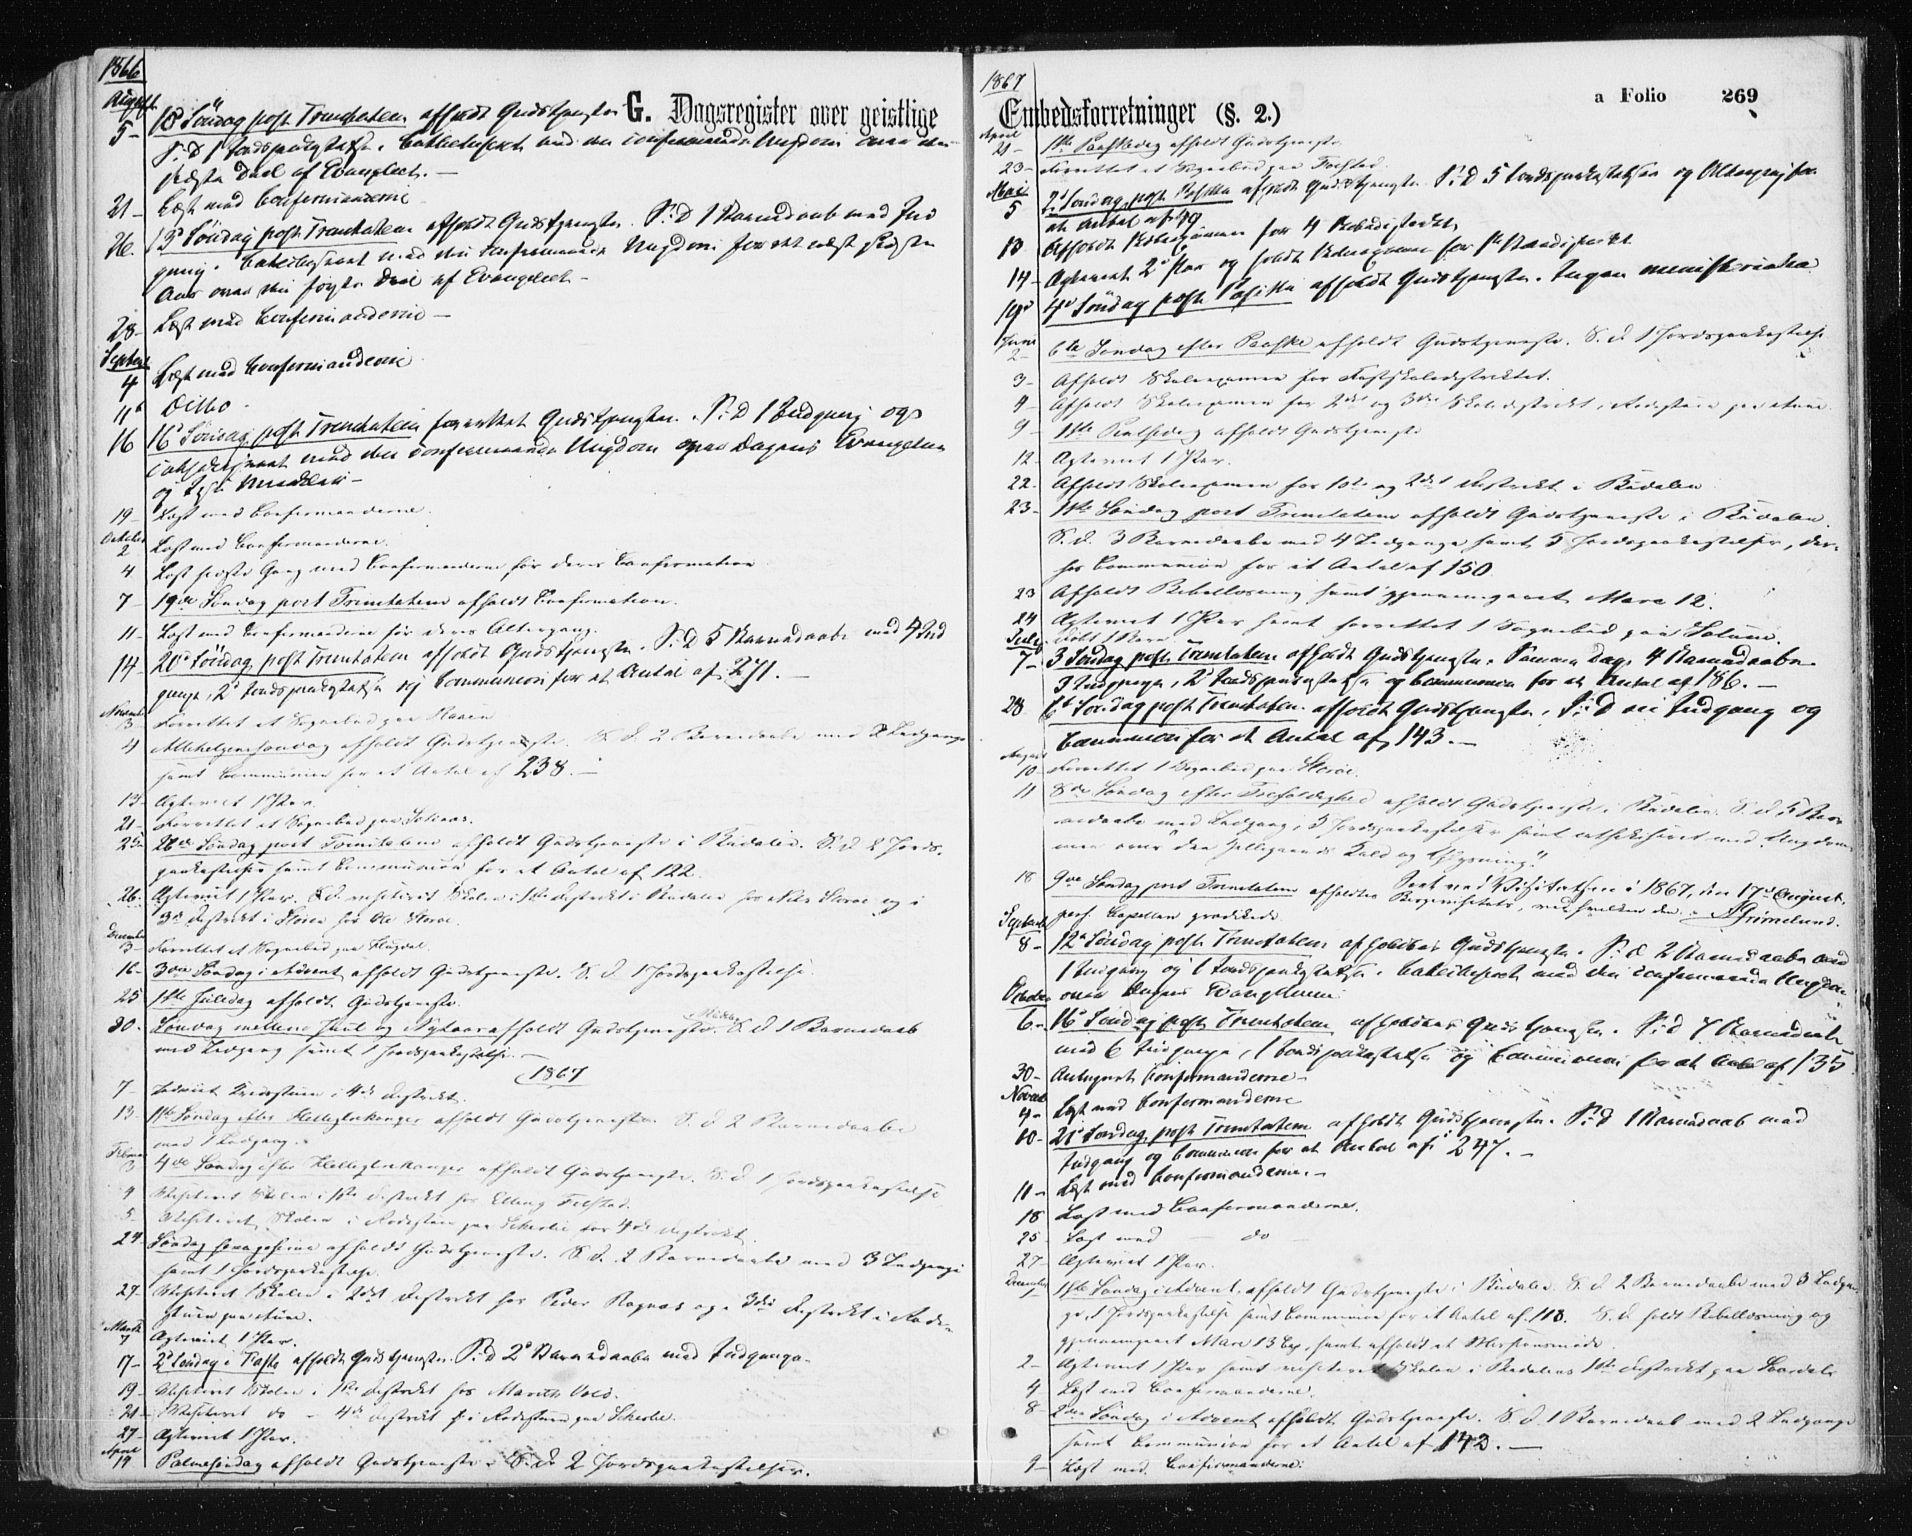 SAT, Ministerialprotokoller, klokkerbøker og fødselsregistre - Sør-Trøndelag, 687/L1001: Ministerialbok nr. 687A07, 1863-1878, s. 269